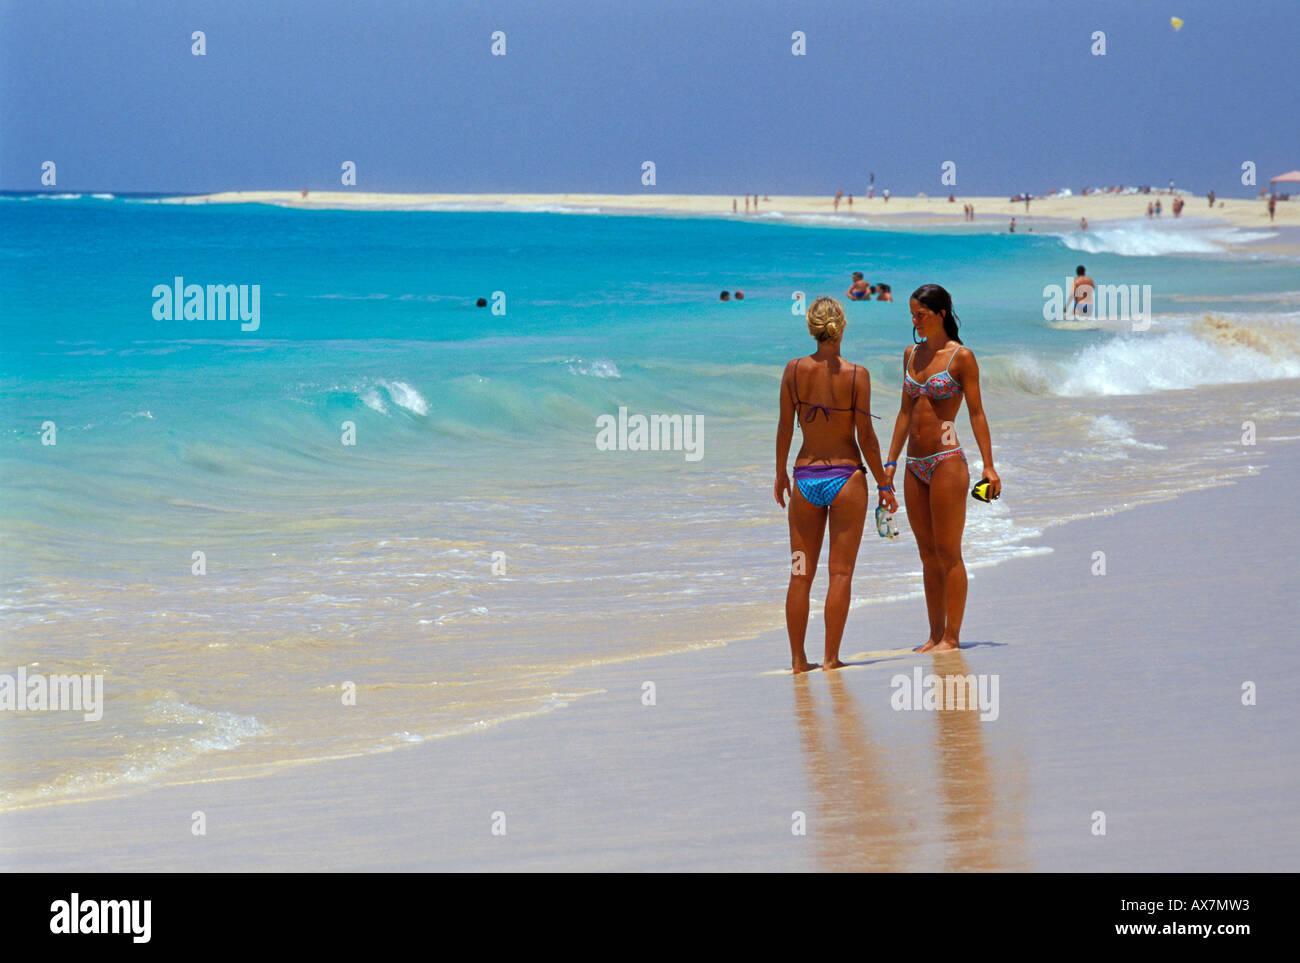 praia cape verde women